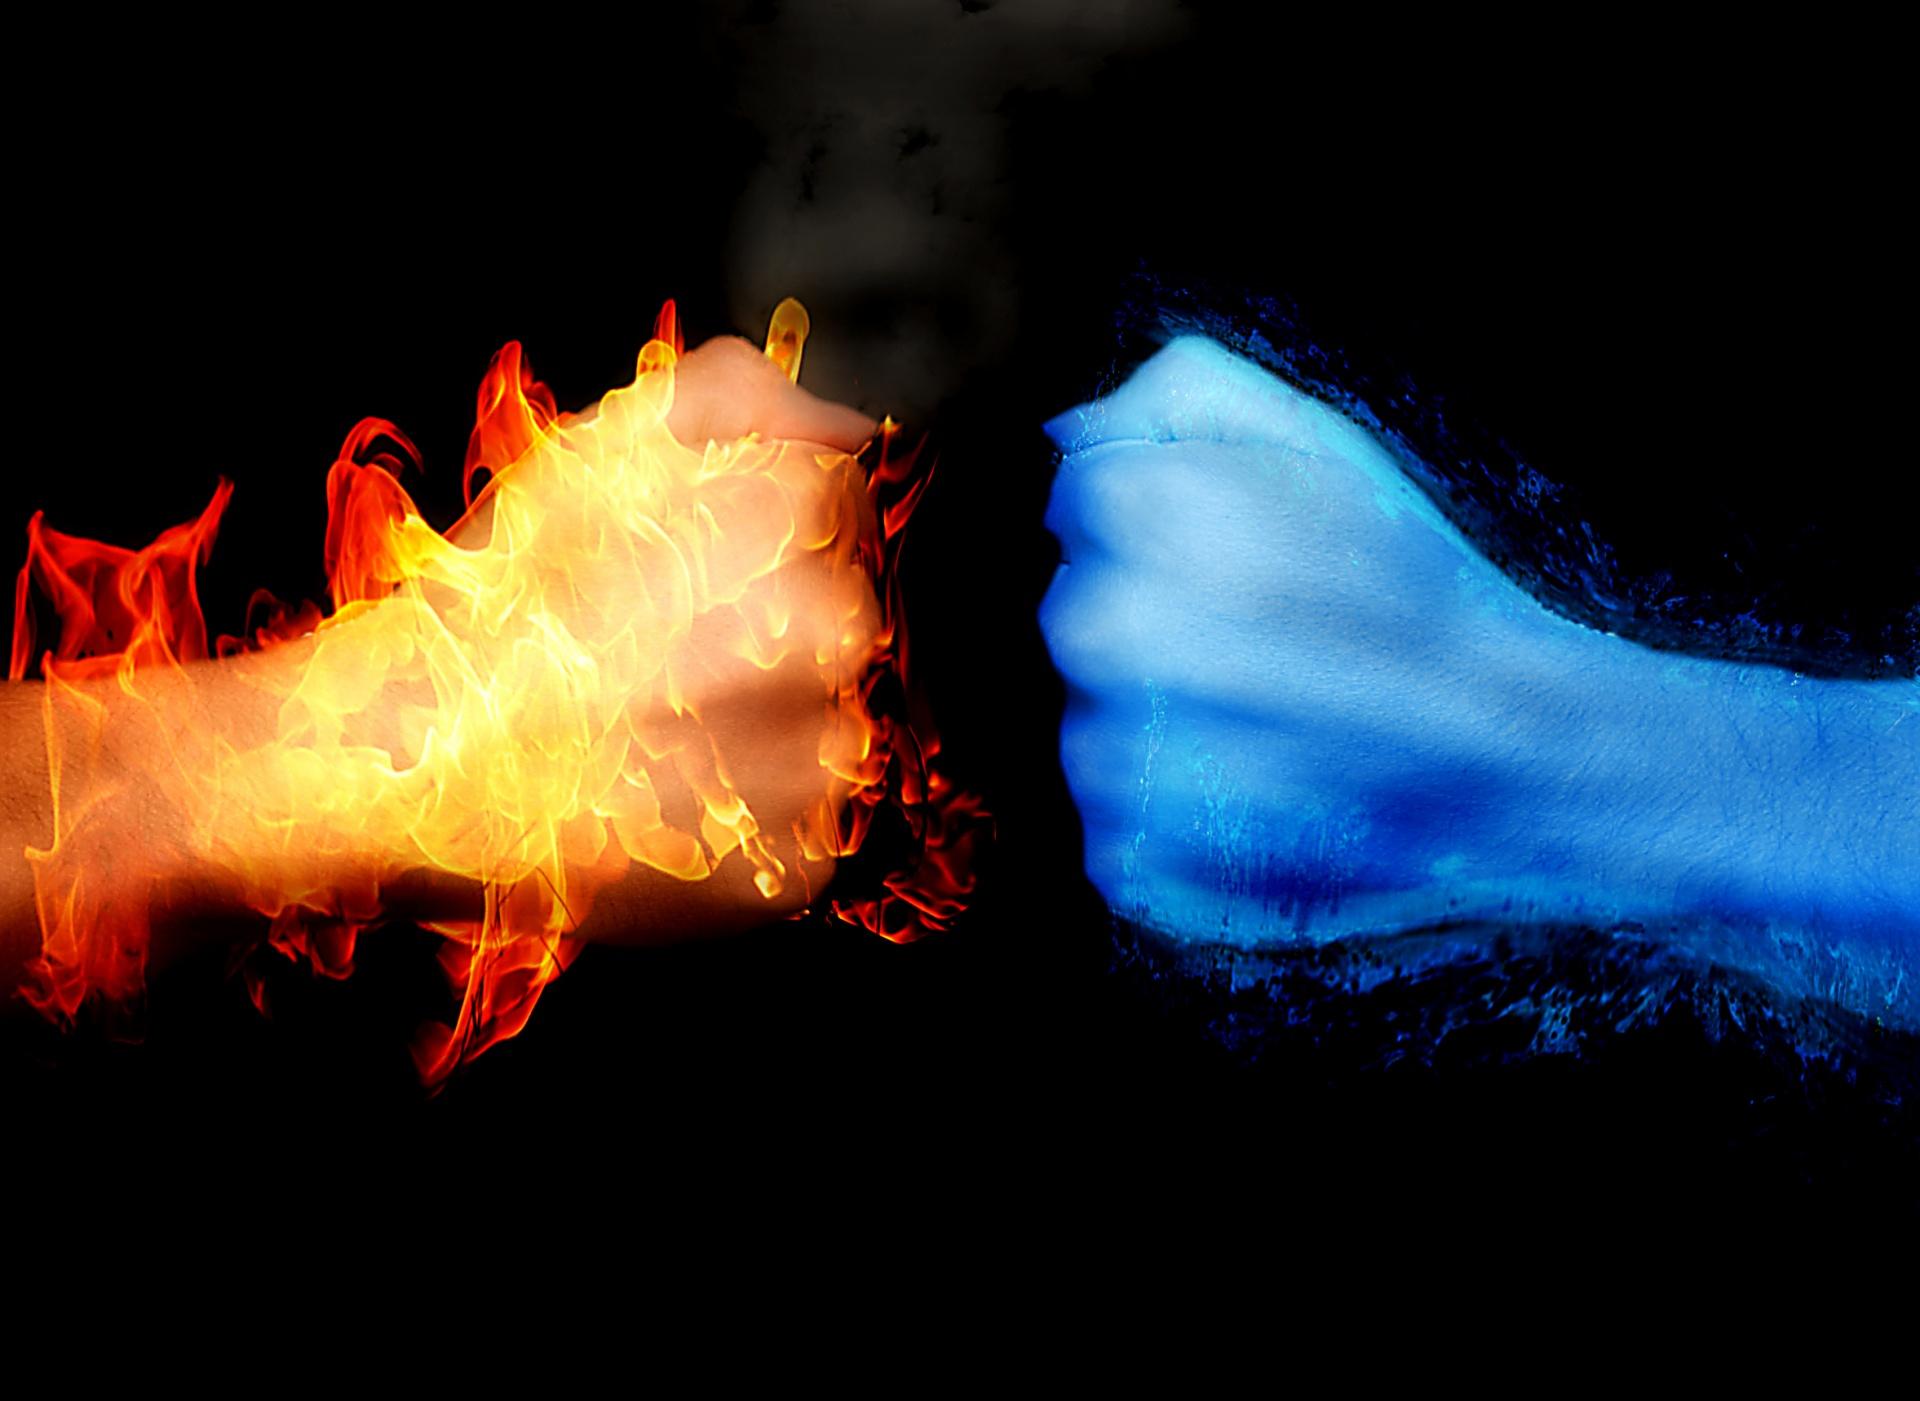 Fire,water,arm,fist,burning,dangerous,fireball,background Wallpaper